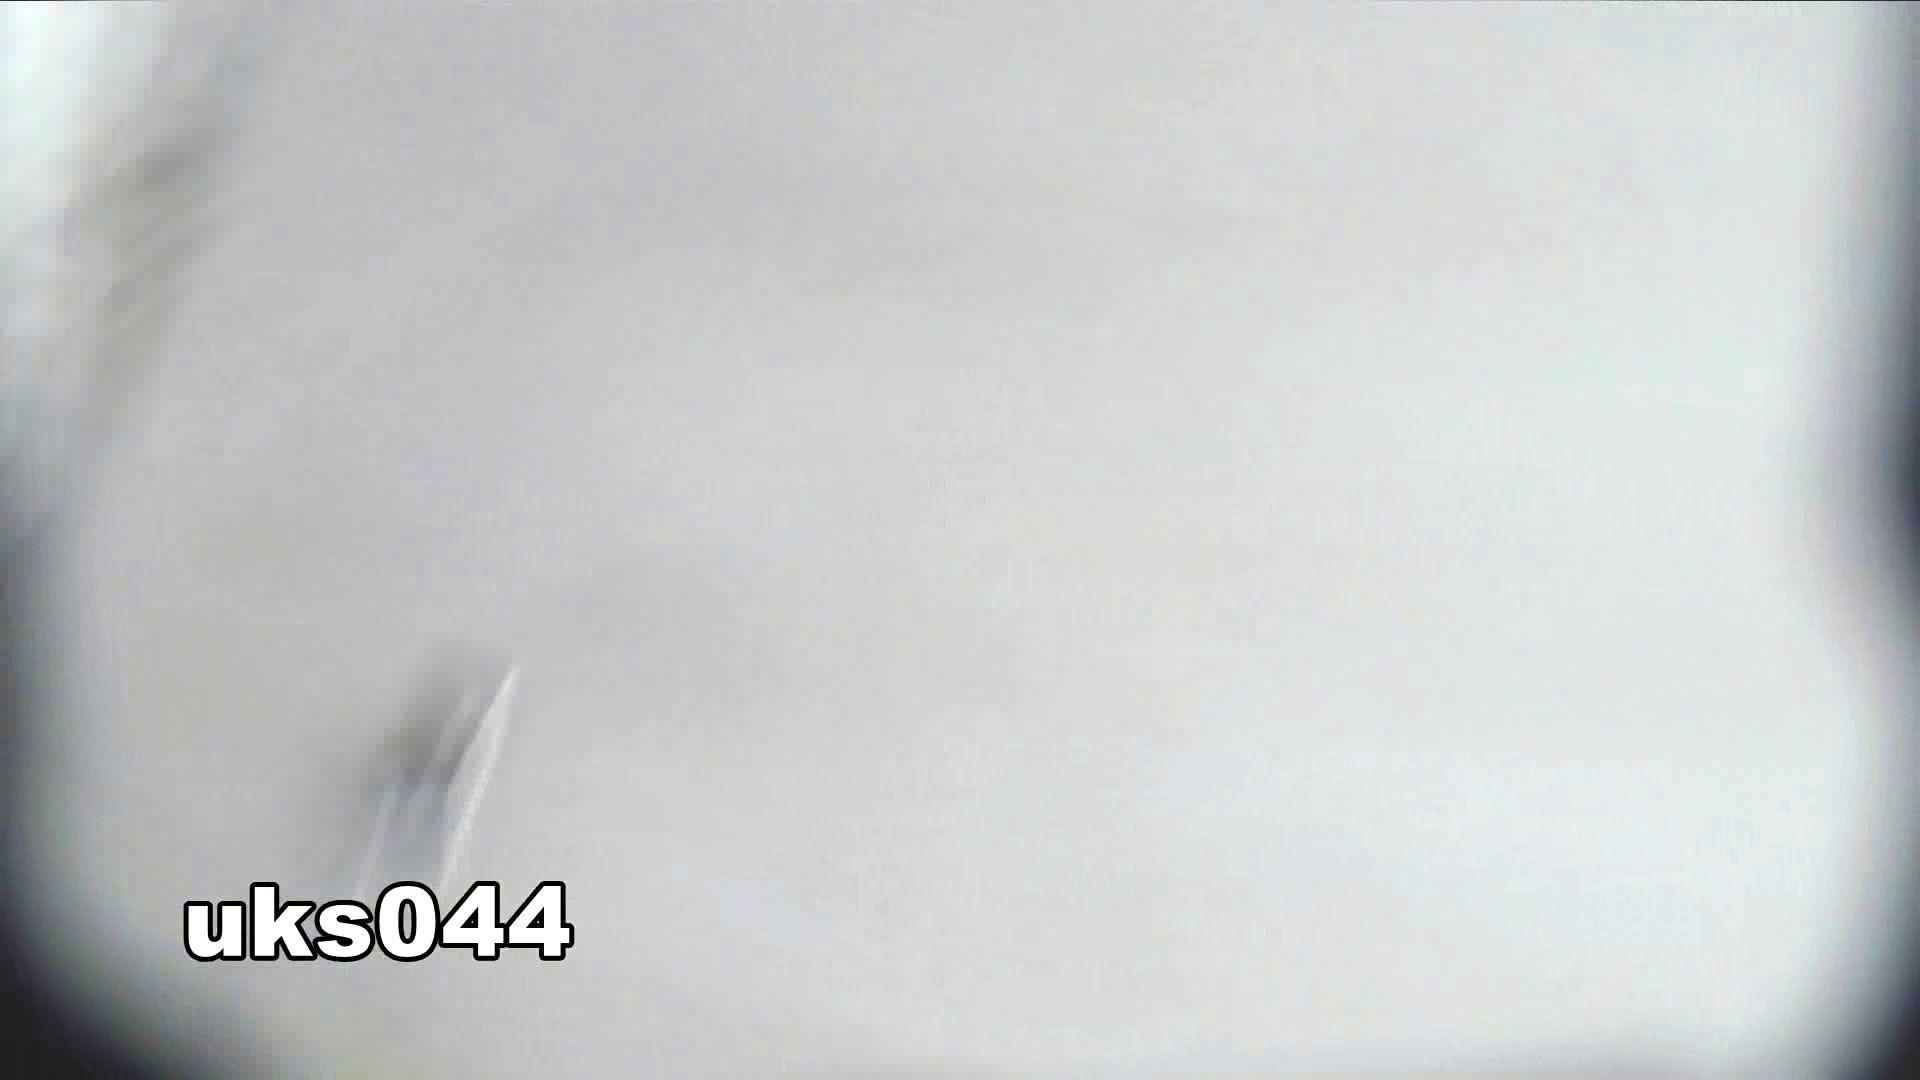 【美しき個室な世界】 vol.044 8倍くらいケツ毛バーガー 高評価 オマンコ動画キャプチャ 108枚 29